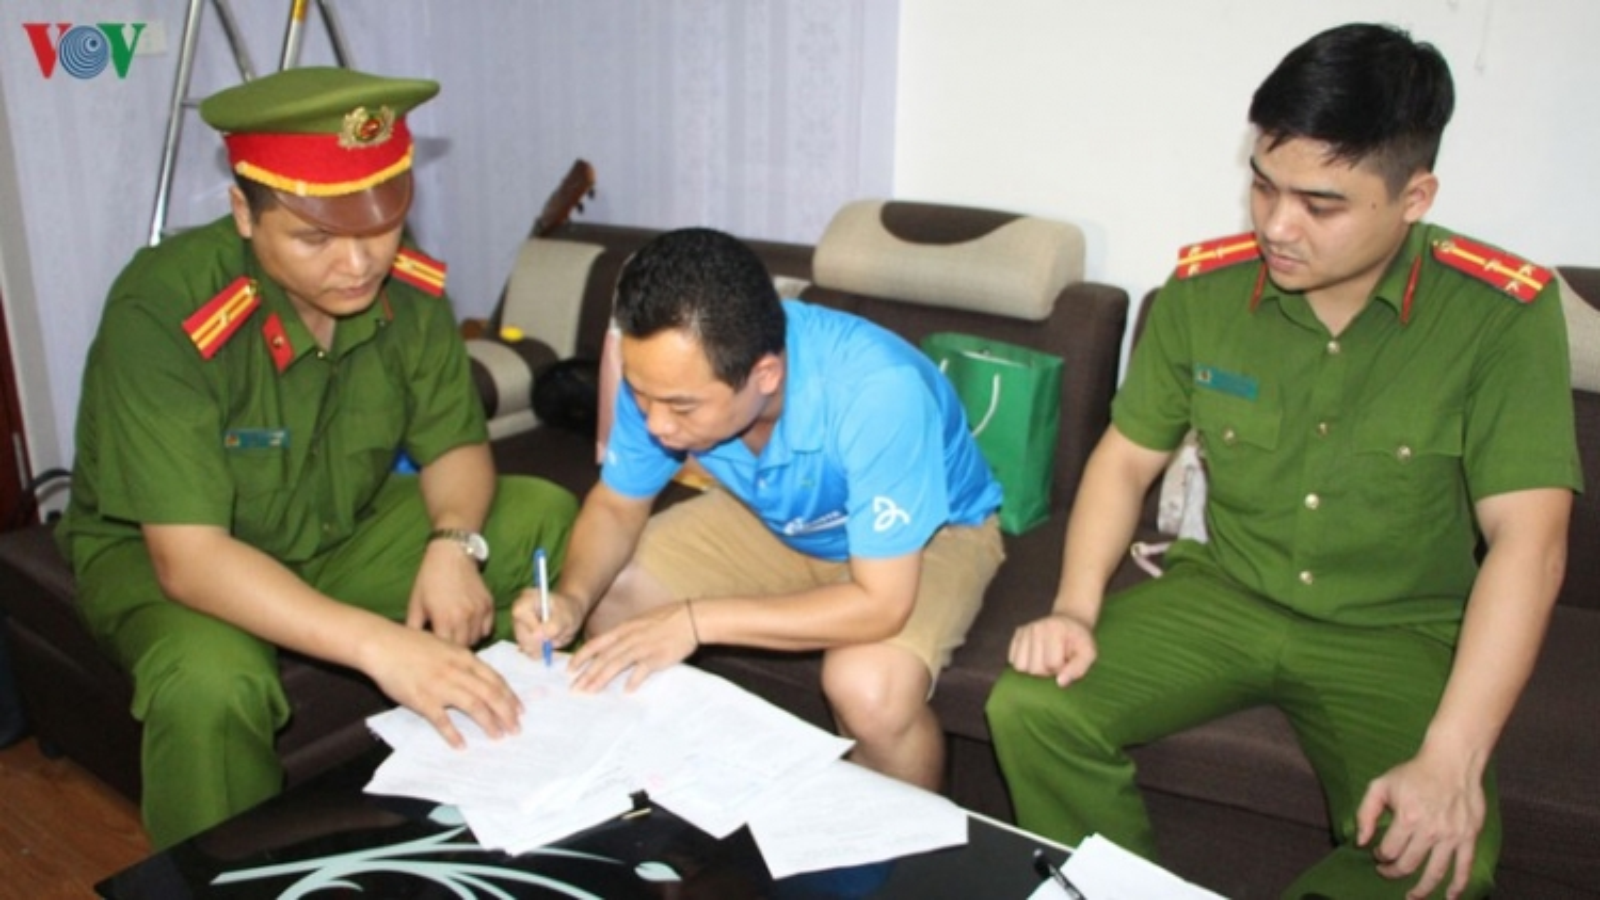 Dự án khiến cán bộ Ban Dân tộc tỉnh Nghệ An bị bắt có quy mô thế nào?